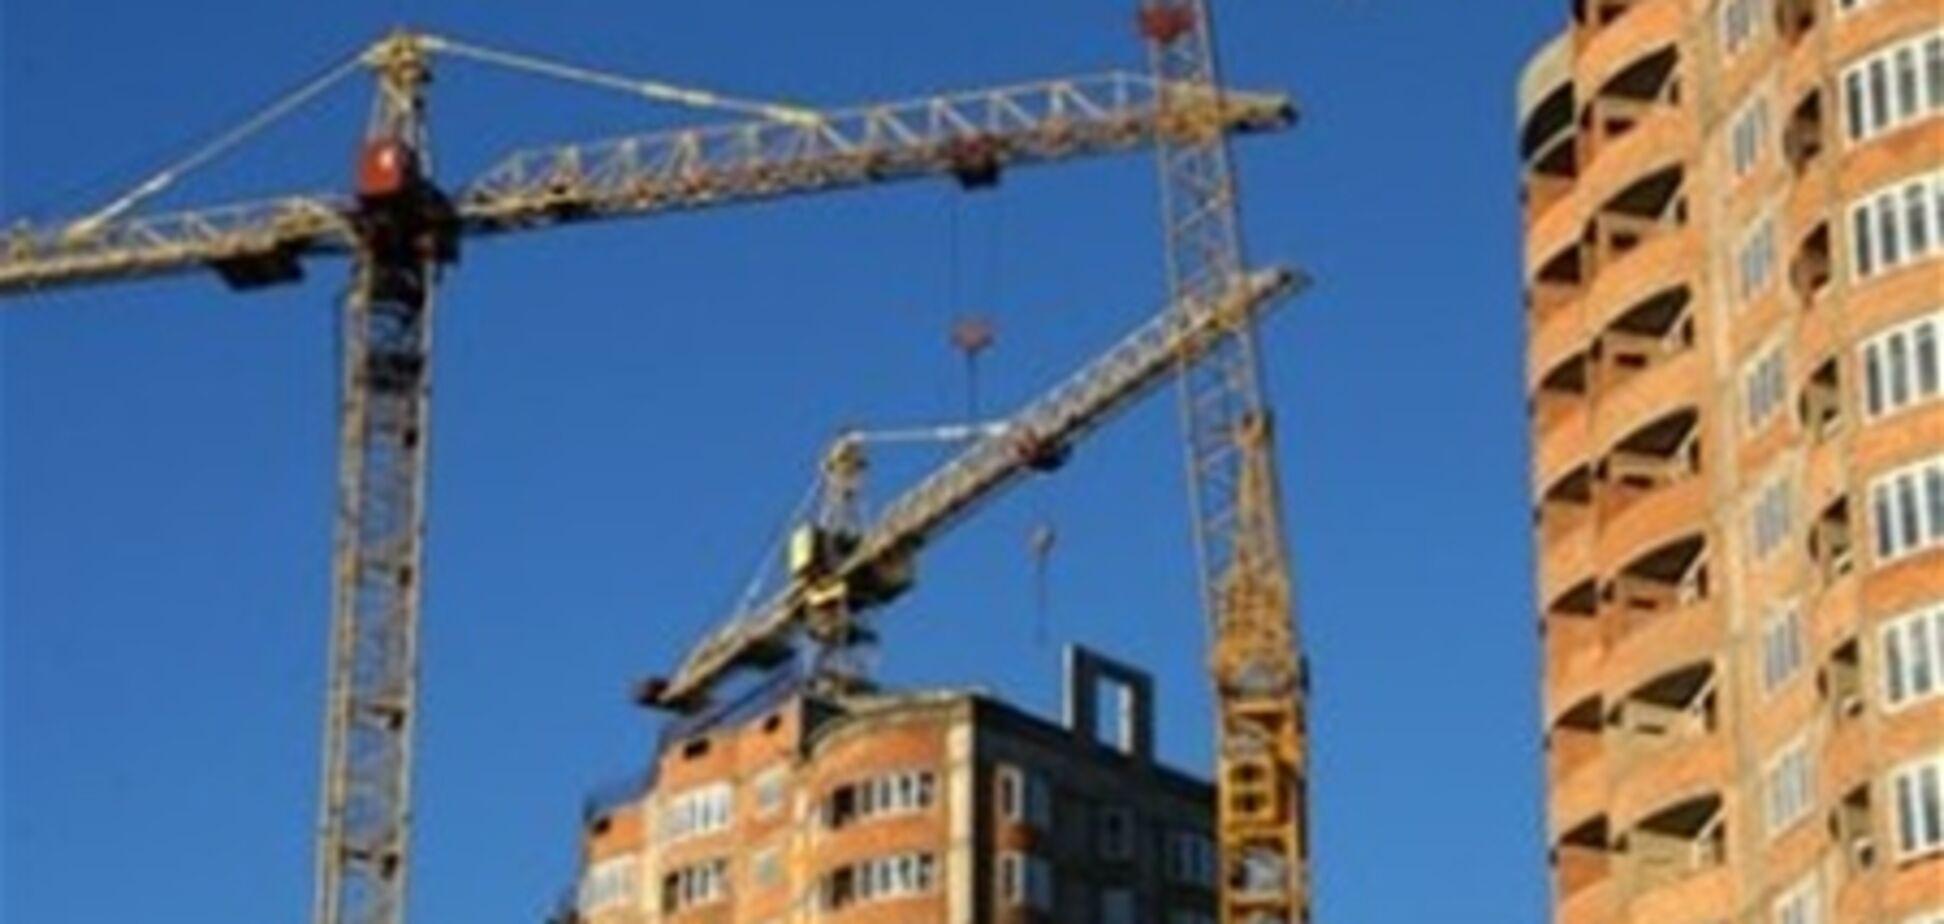 Эксперты: инвестировать в жилье лучше через форвардные контракты